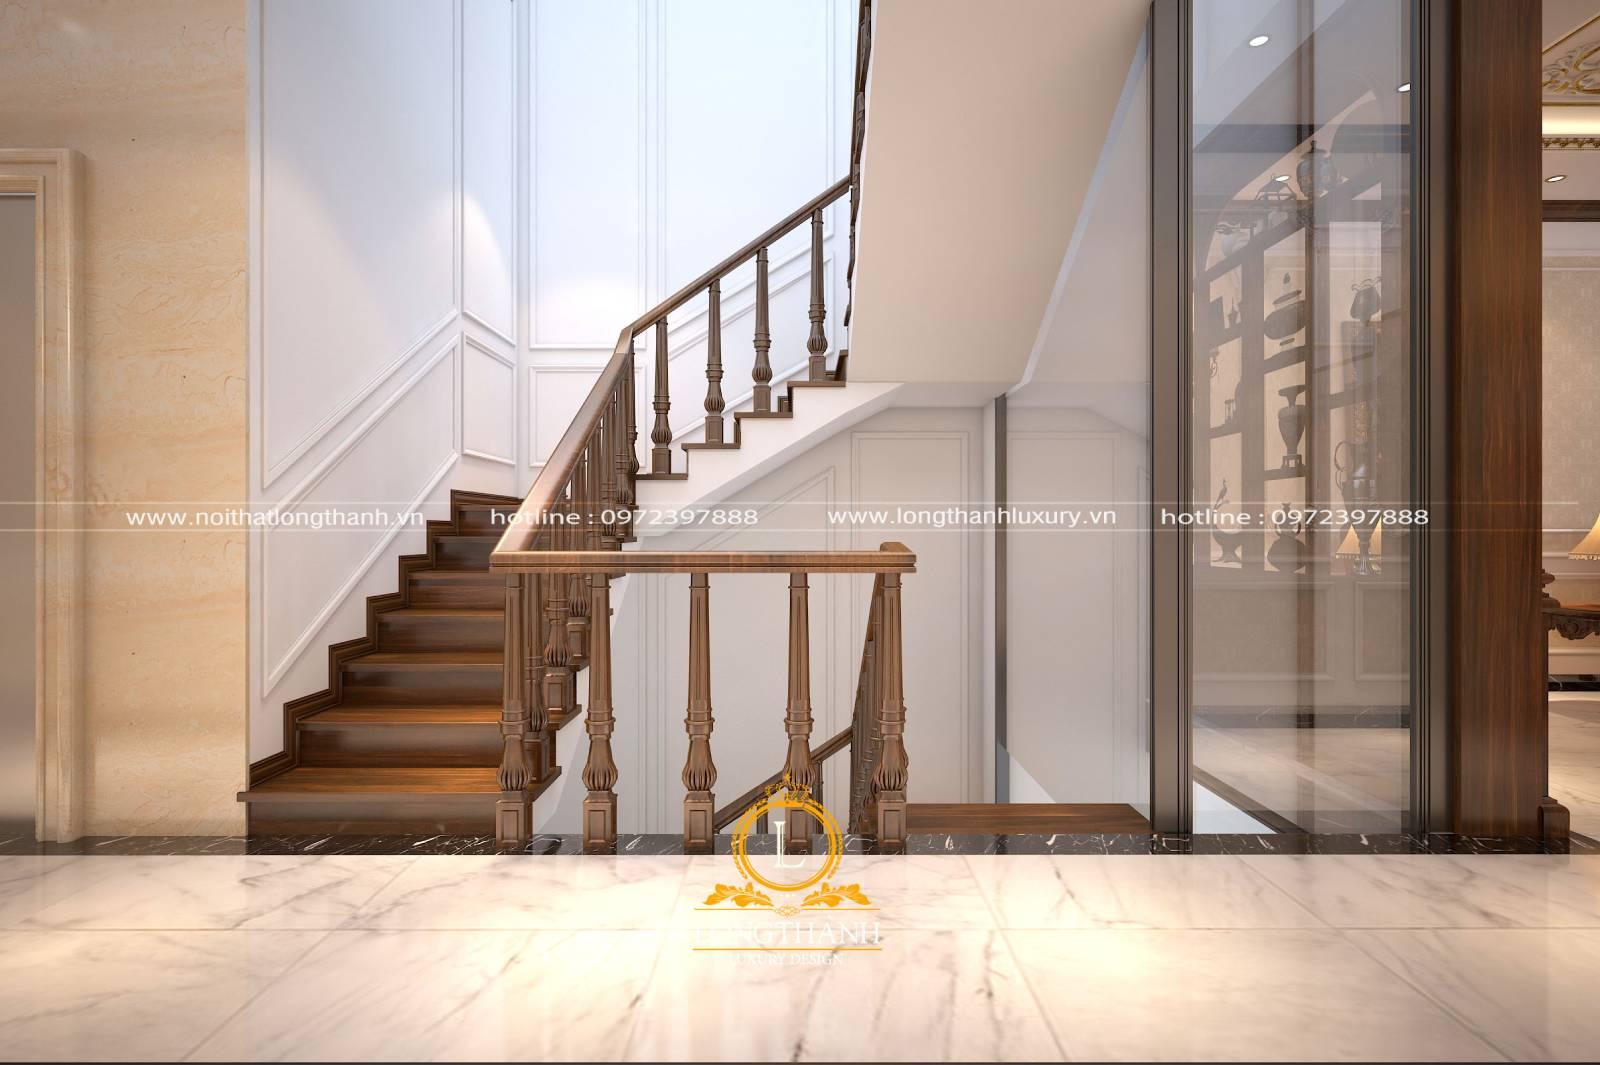 Chiều rộng của một mặt bậc thang cần phù hợp với bàn chân người